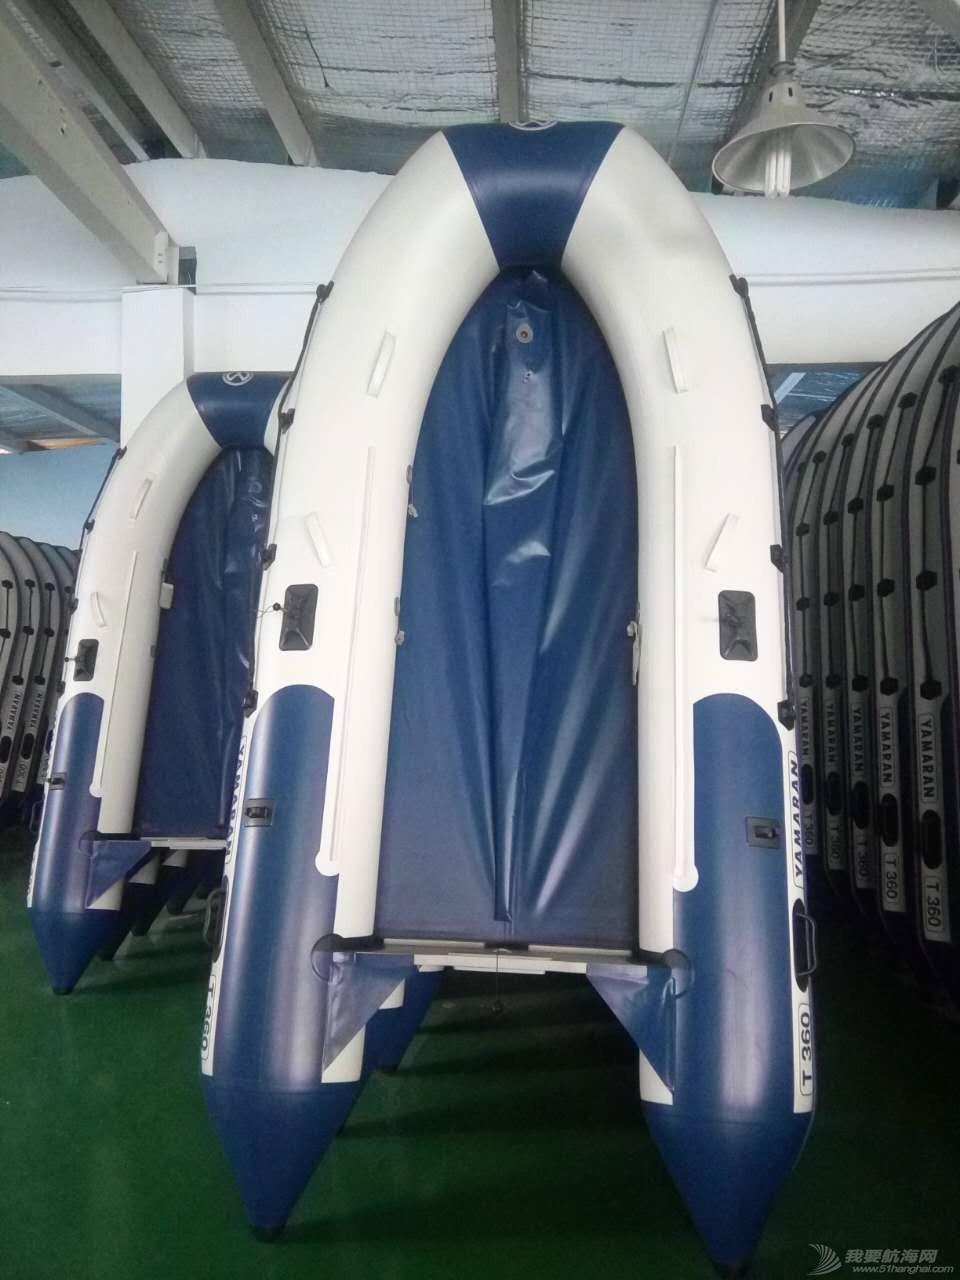 俄罗斯,冲锋舟,铝合金,木地板,橡皮船 福利啊,有喜欢冲锋舟的进来看看,价格便宜 815058083494193881.jpg